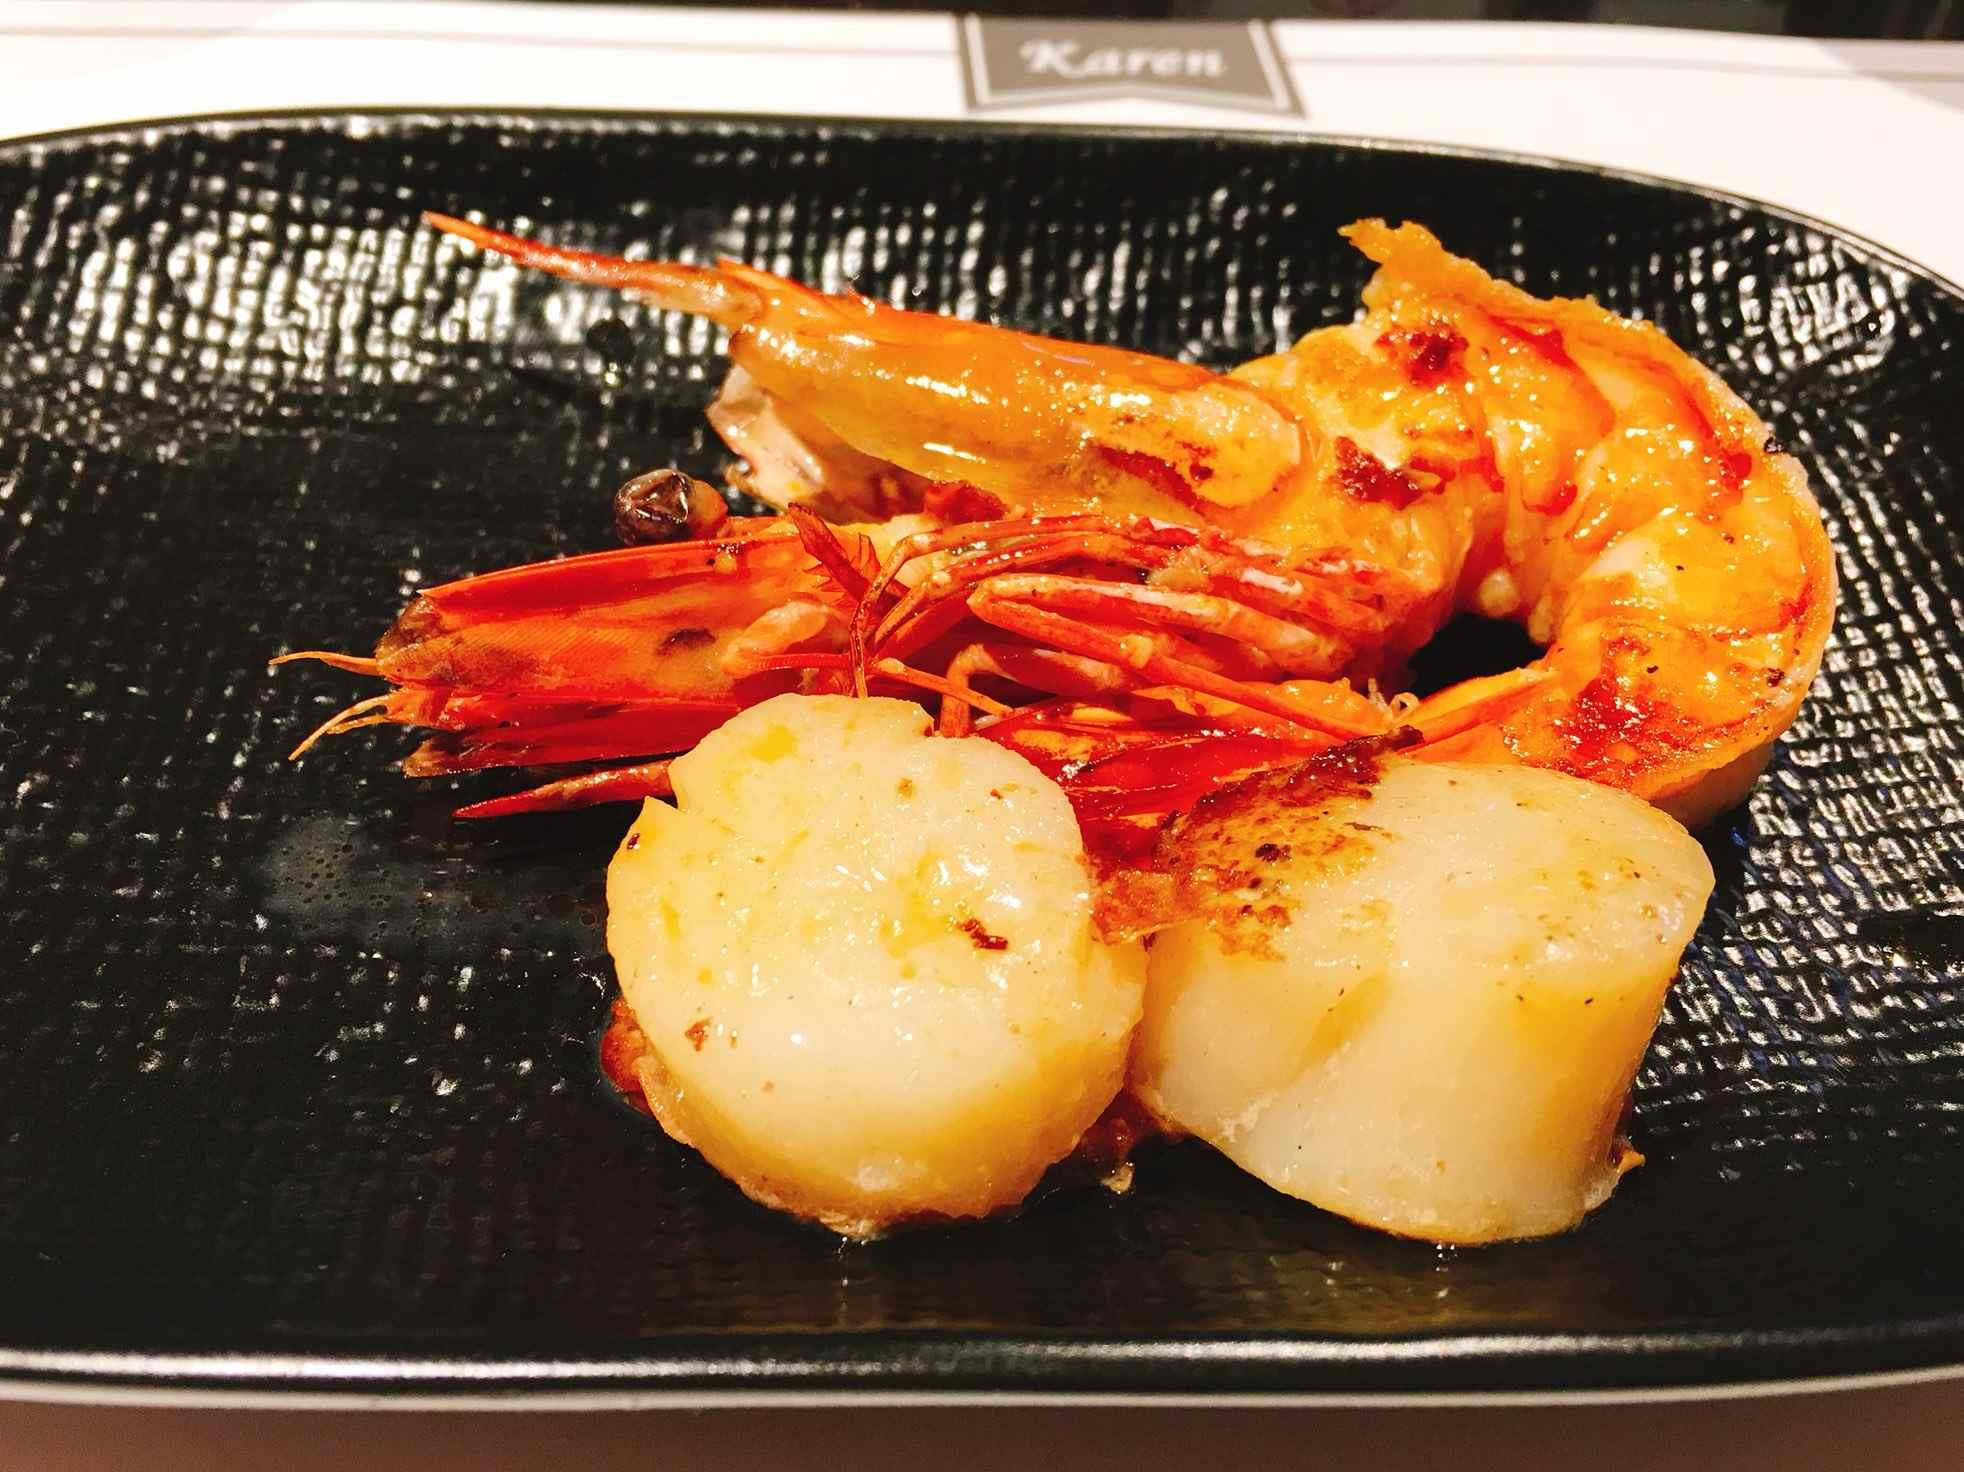 因為太想吃烤干貝了就又點了一份蝦子+干貝,但不得不說,它餐點的量都比想像中還少一點呀…但是好吃是沒話說!!